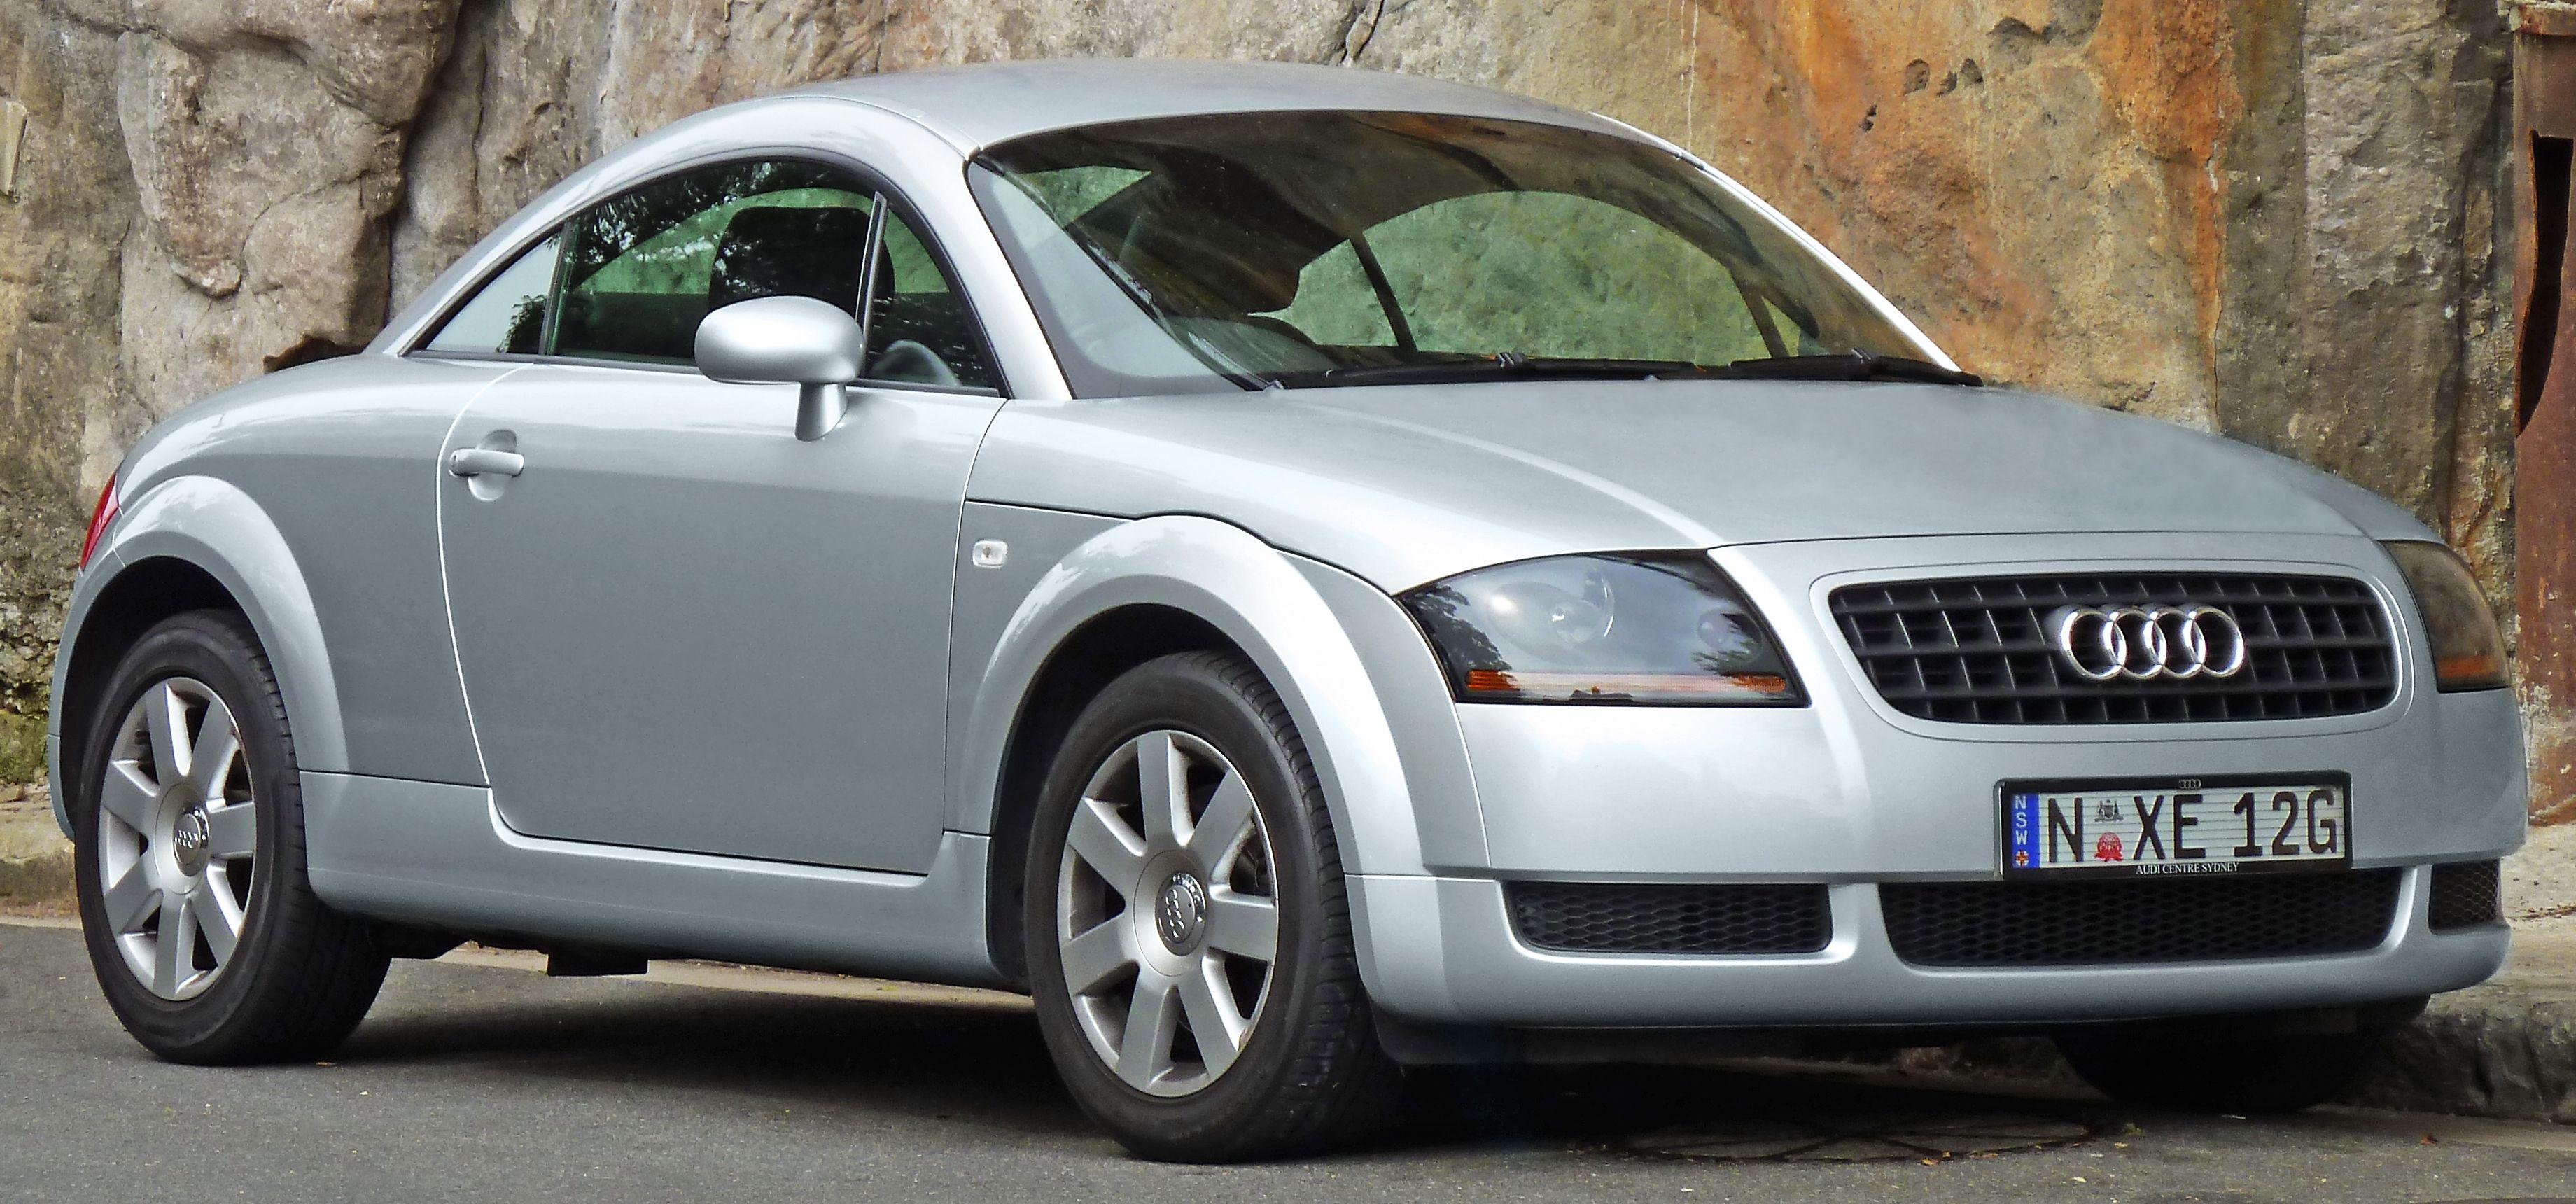 Kekurangan Audi Tt 2003 Perbandingan Harga